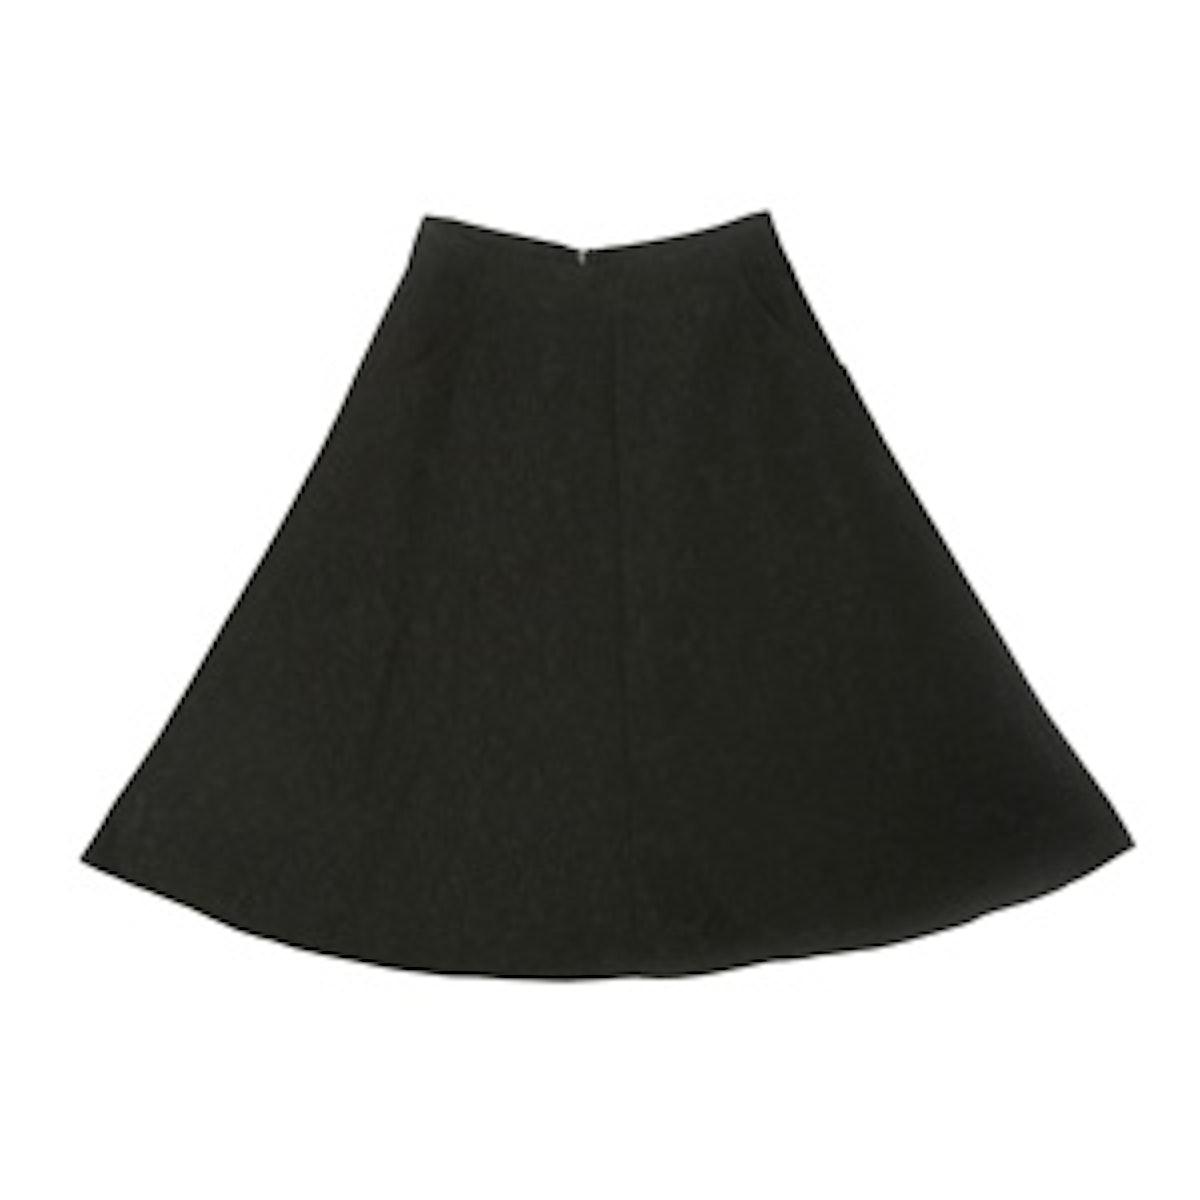 Arroyo Skirt